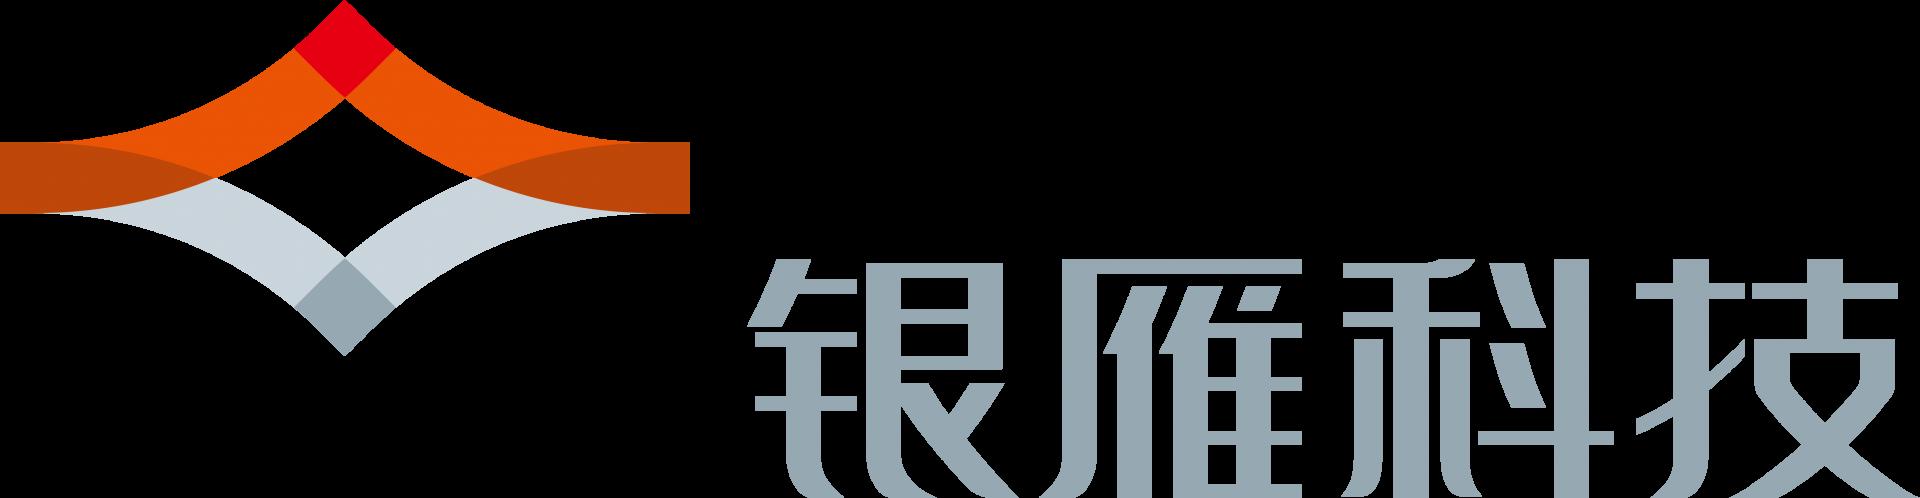 吉林银雁科技服务有限公司